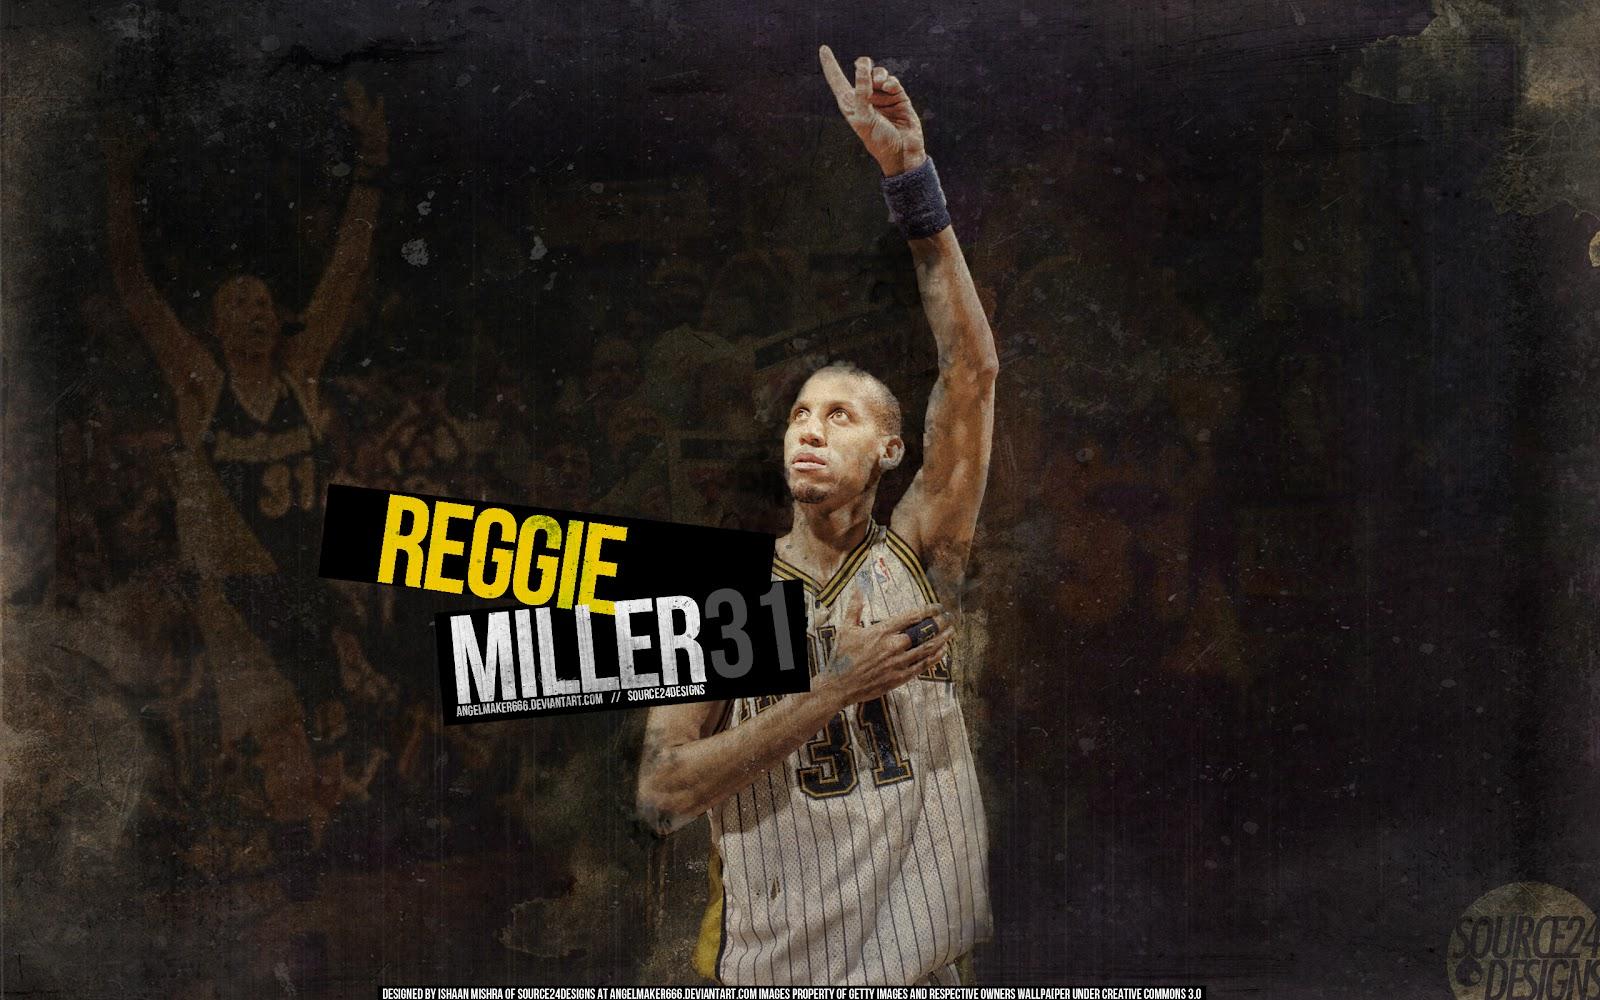 http://2.bp.blogspot.com/-IfyCdDaQXi4/UEa9aC9R_DI/AAAAAAAAZkw/1j5LSXM0xFE/s1600/reggie_miller_pacers_wallpaper_by_angelmaker666-d4eryfu.jpeg